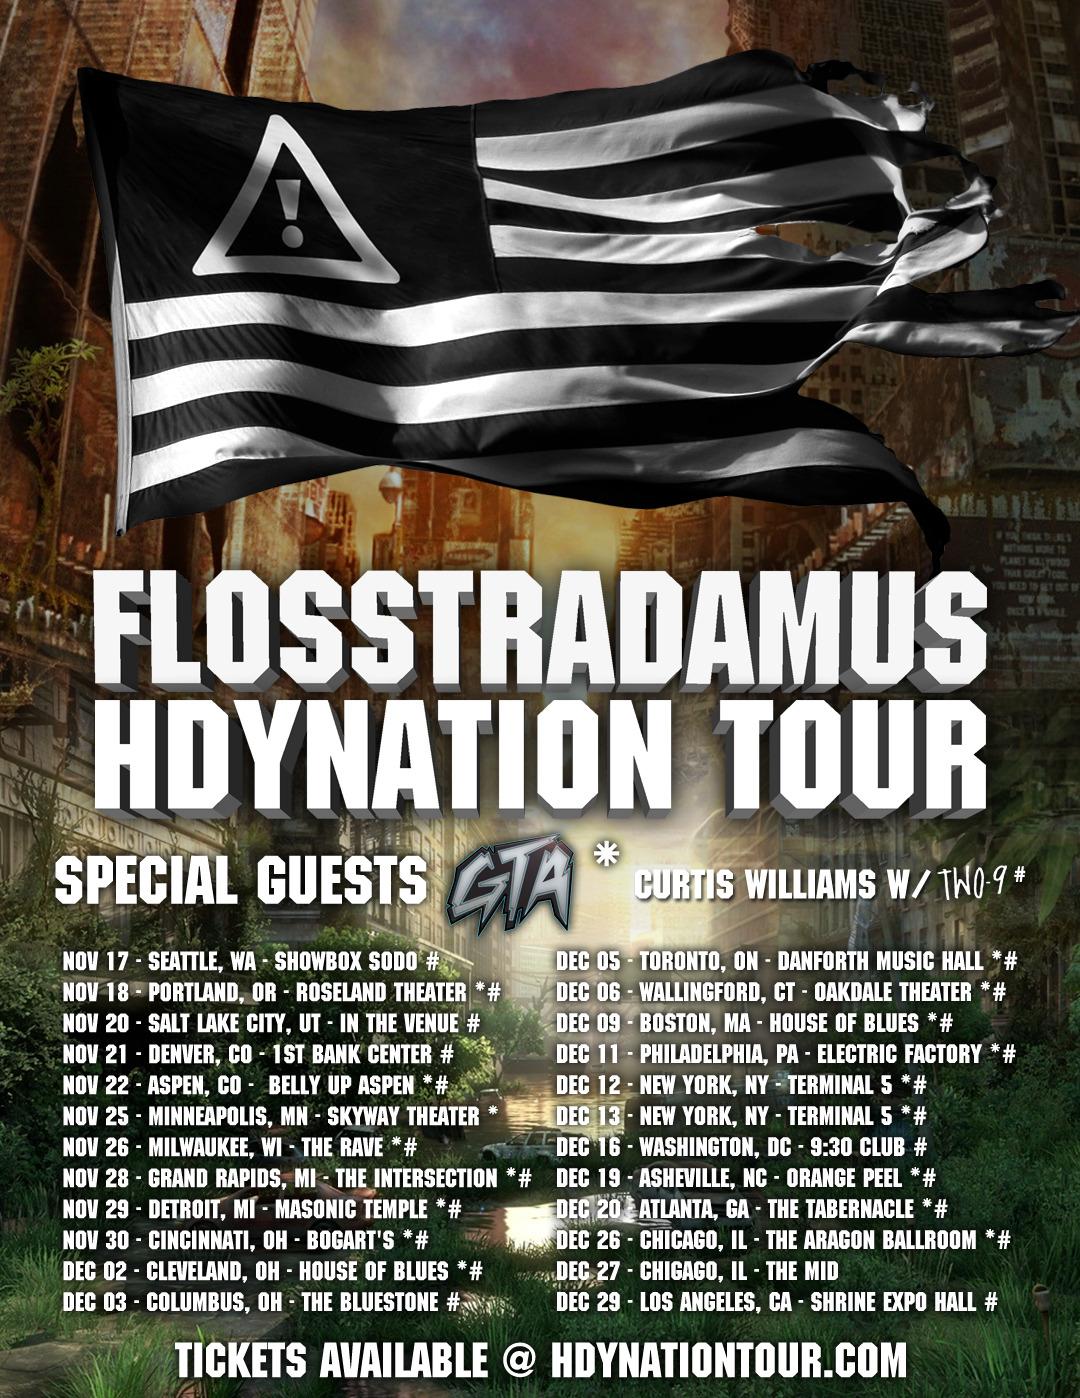 flyer design for flosstradamus